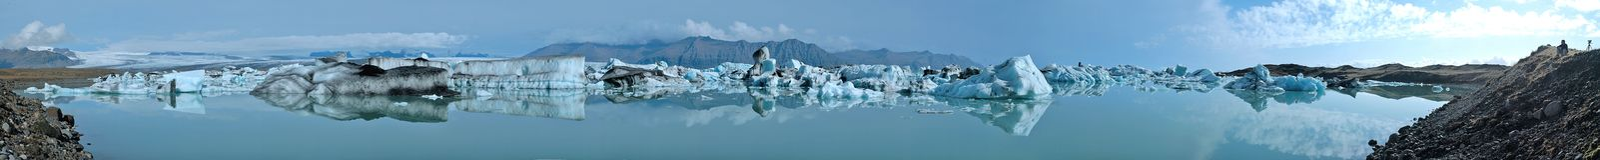 панорама озера jokulsarlon Стоковые Изображения RF